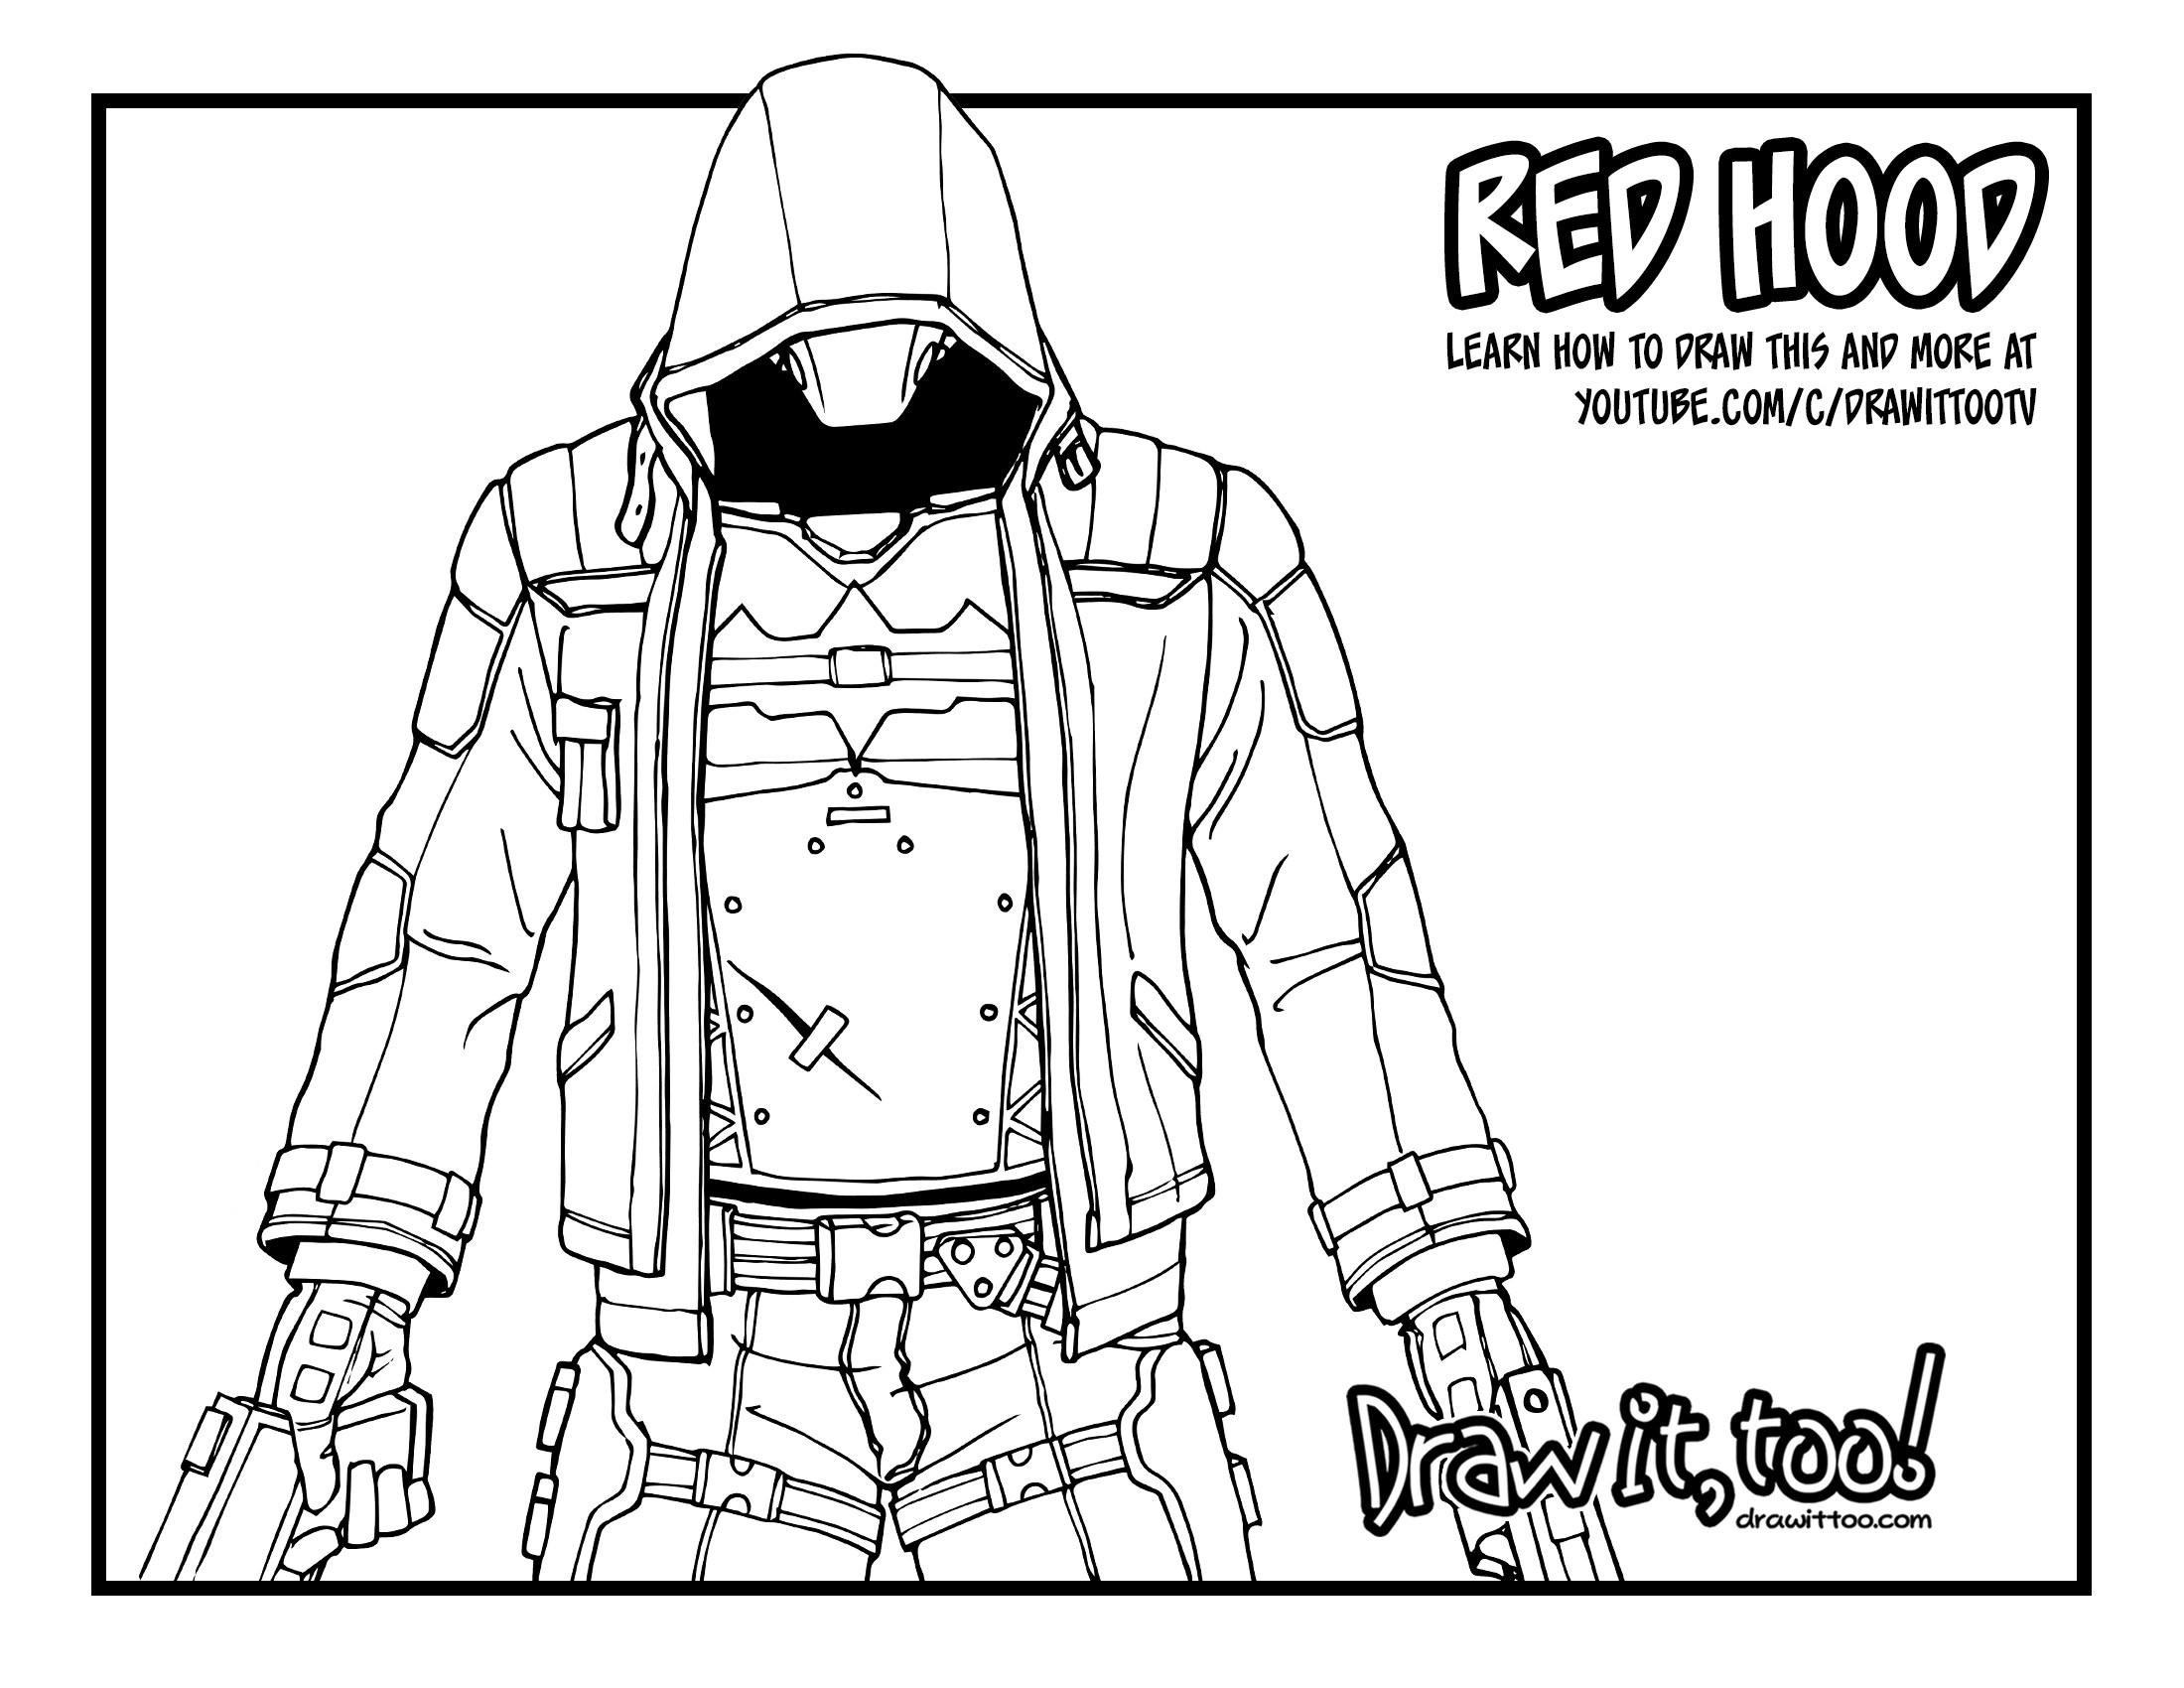 2200x1700 Red Hood (Batman Arkham Knight) Tutorial Draw It, Too!